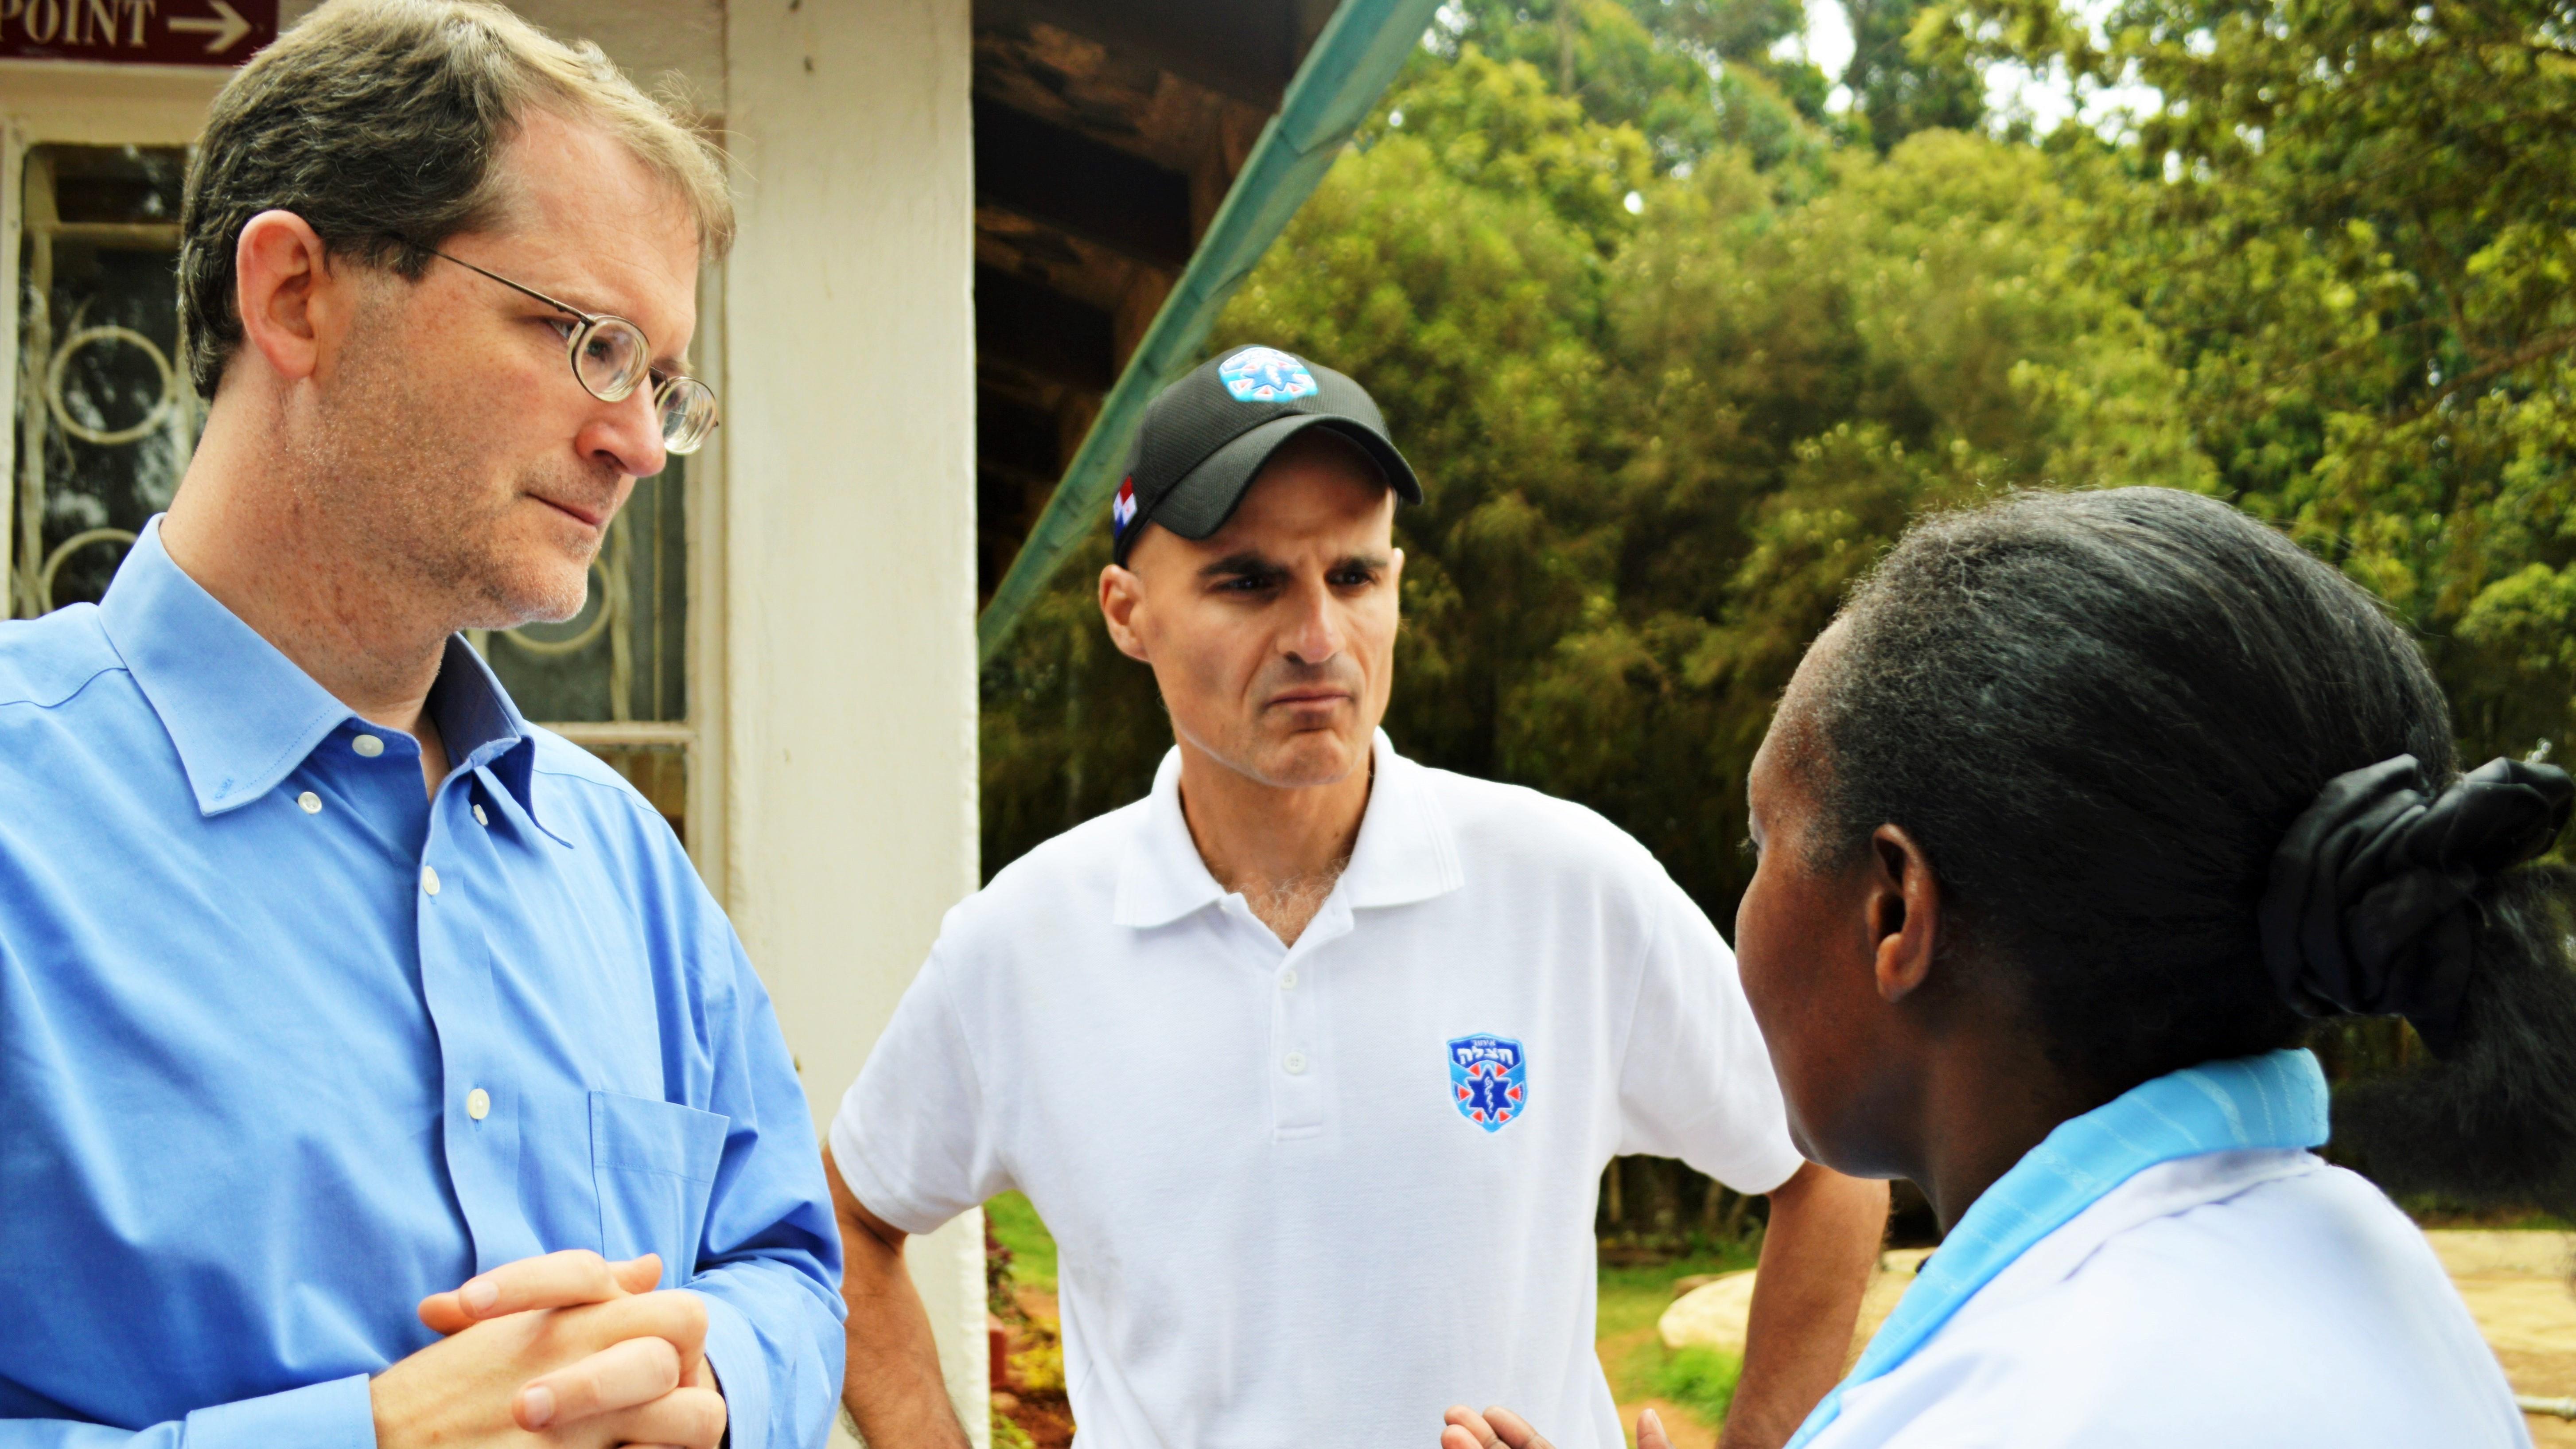 Jon Fielder '94 (left) and Mark Gerson '94 (center) speak with a community worker.